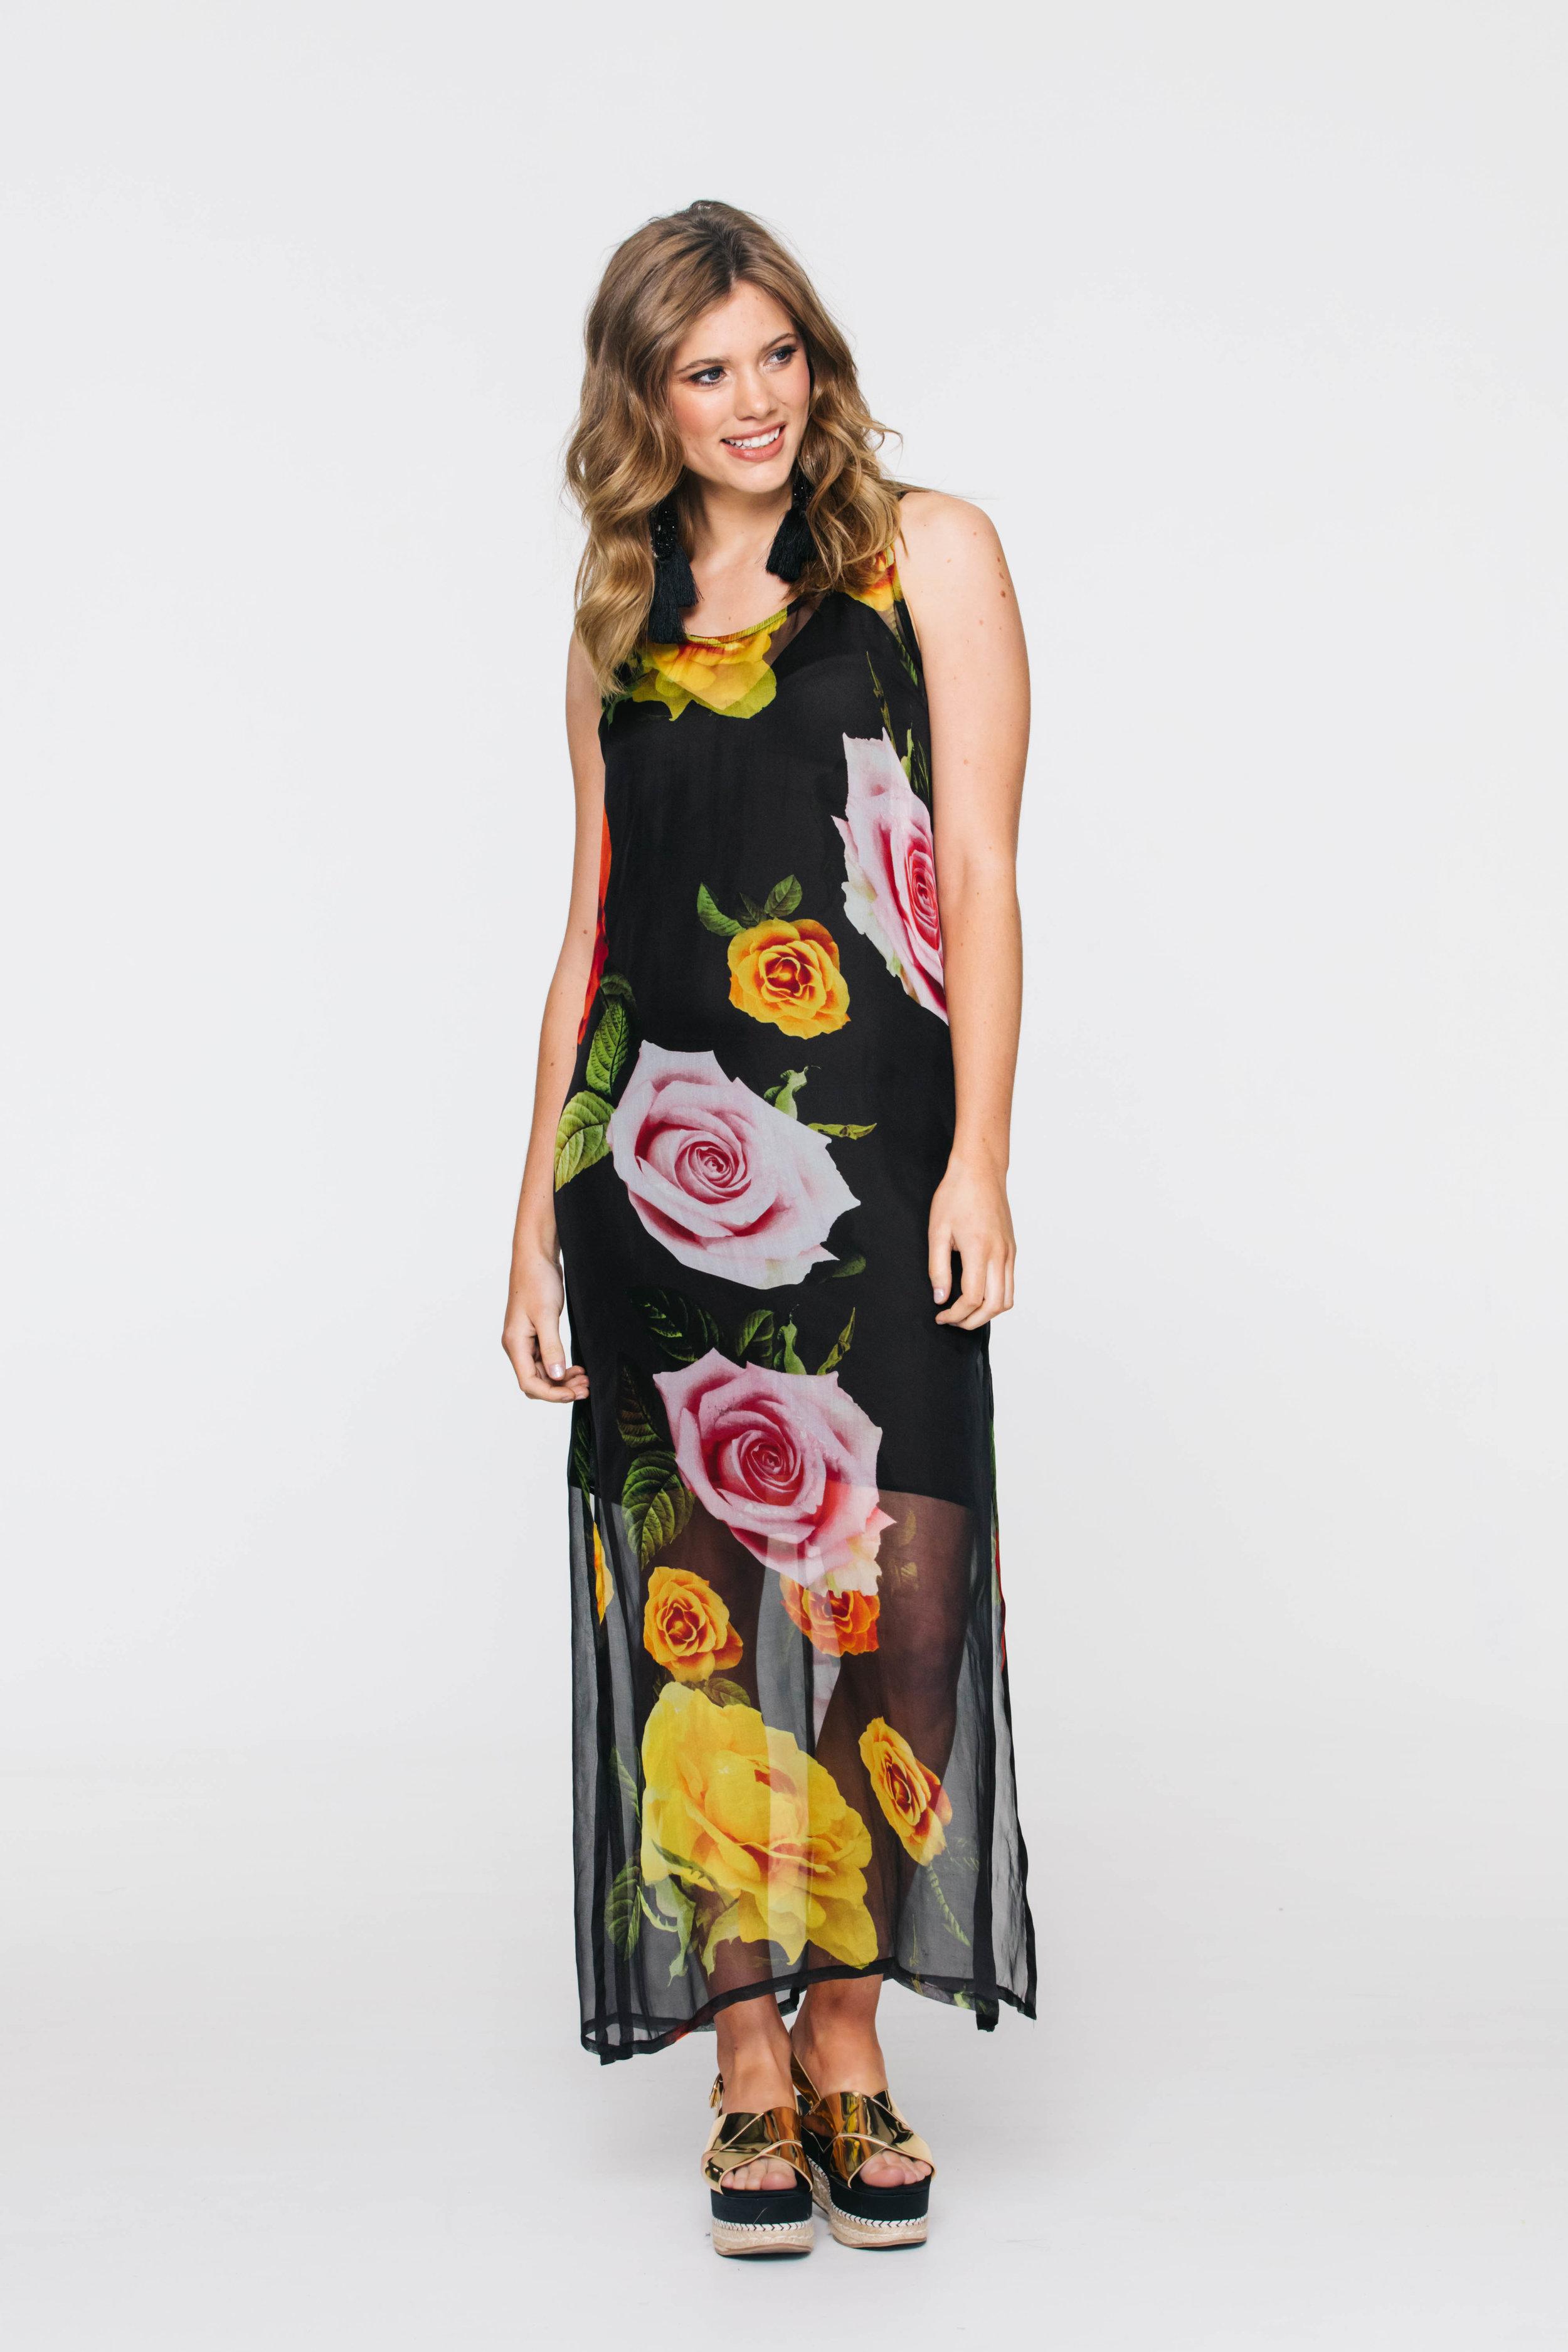 6021VA Sunset Dress, Giant Roses